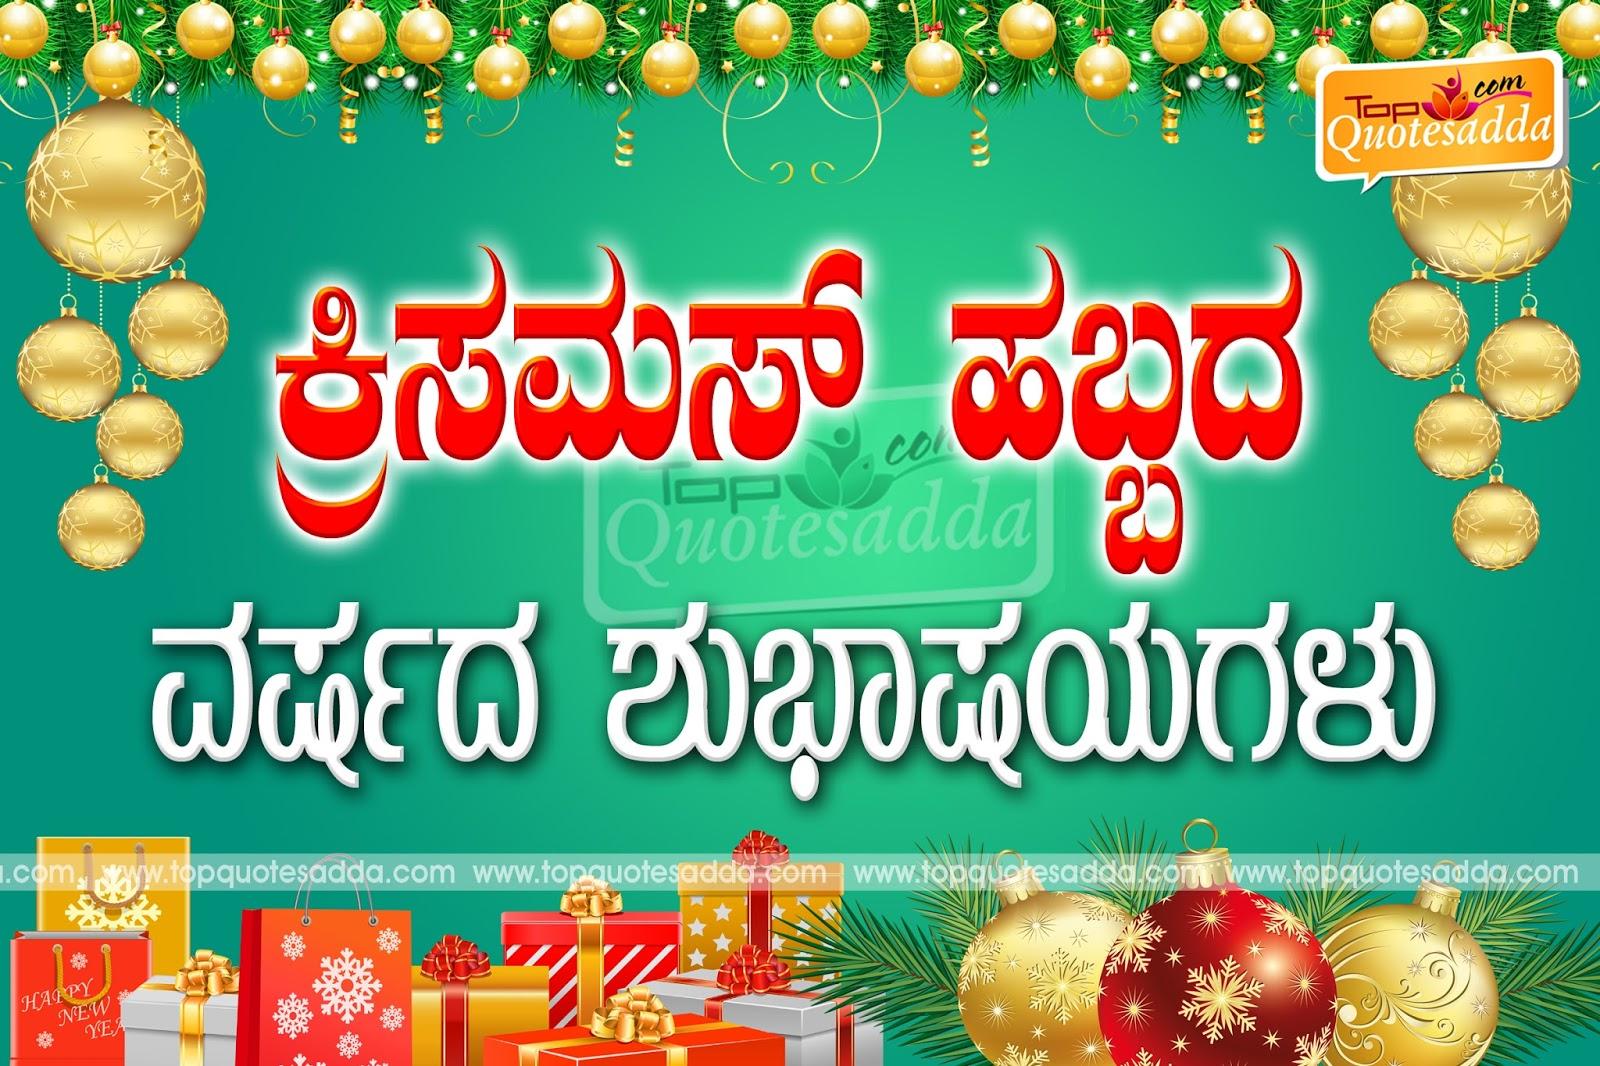 Happy Christmas Kannada Nice Quotes And Greetings Topquotesadda